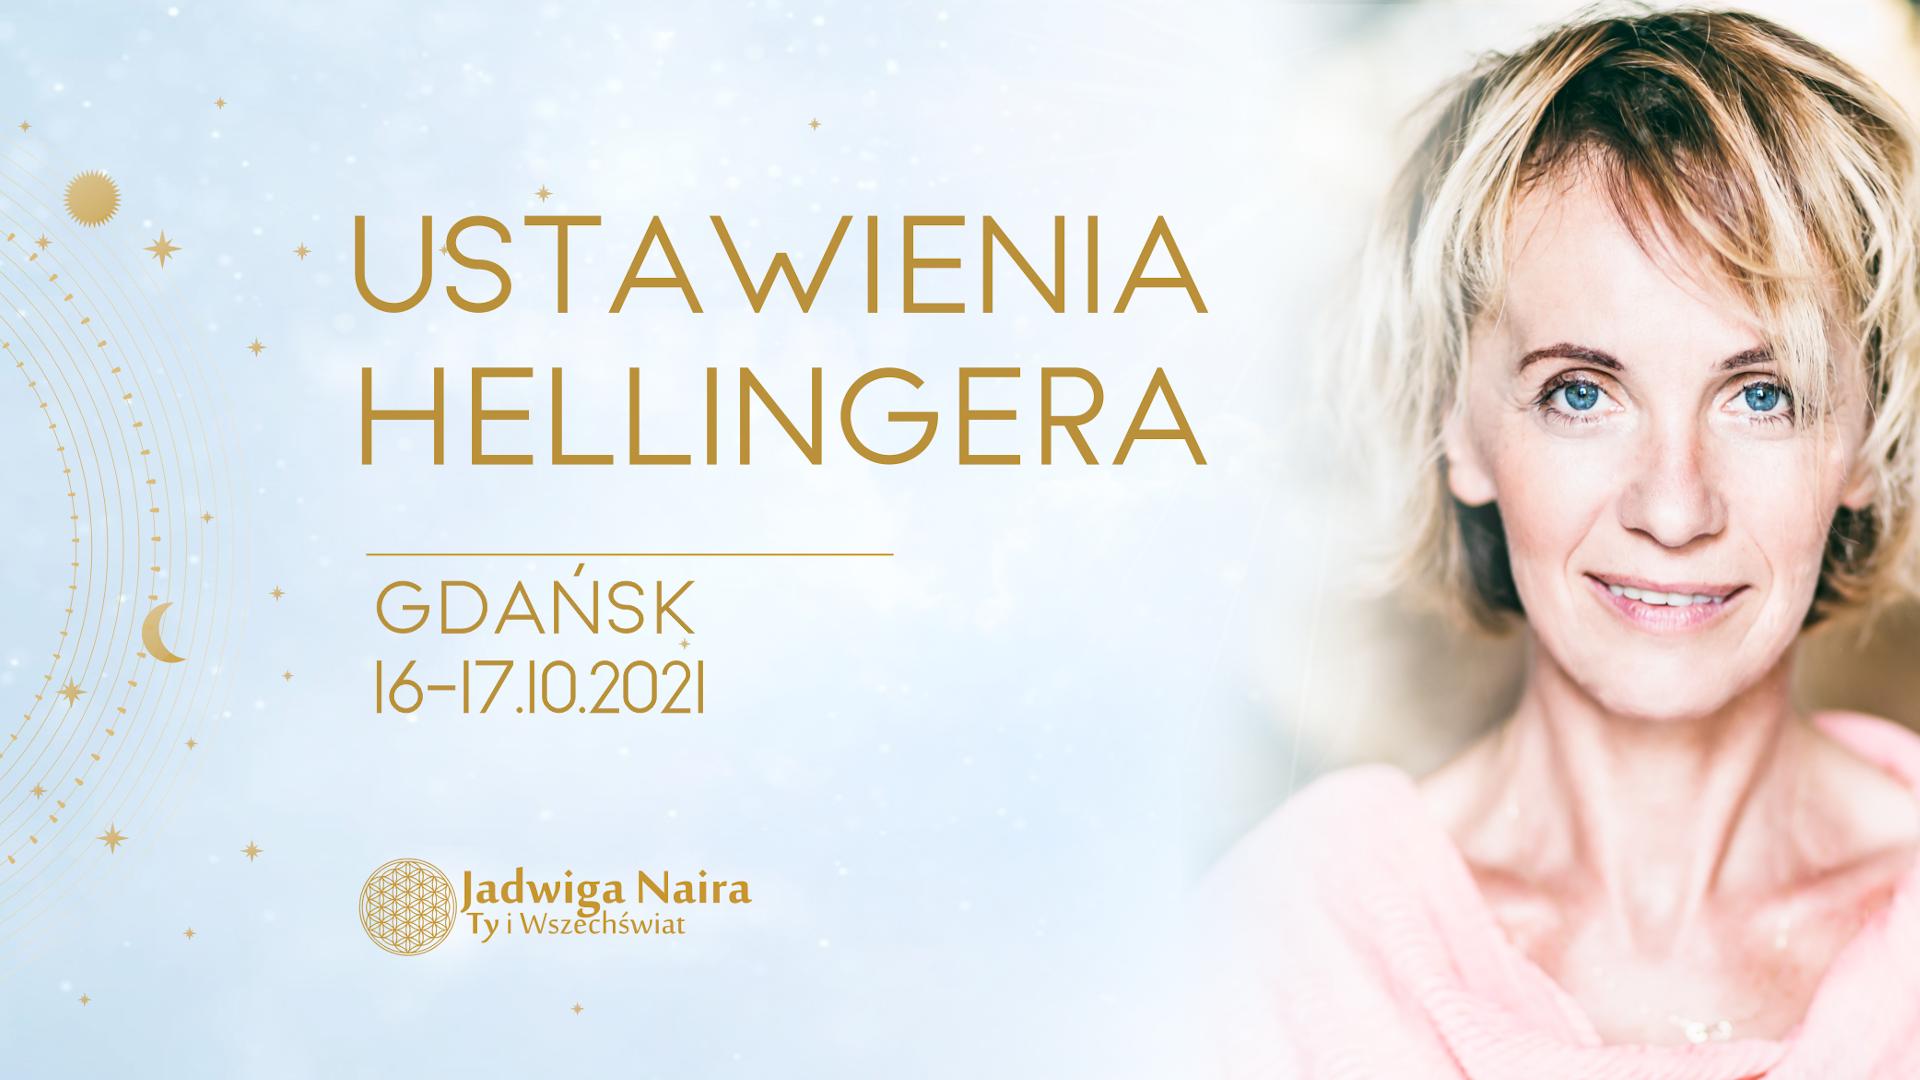 Ustawienia Hellingera / Gdańsk